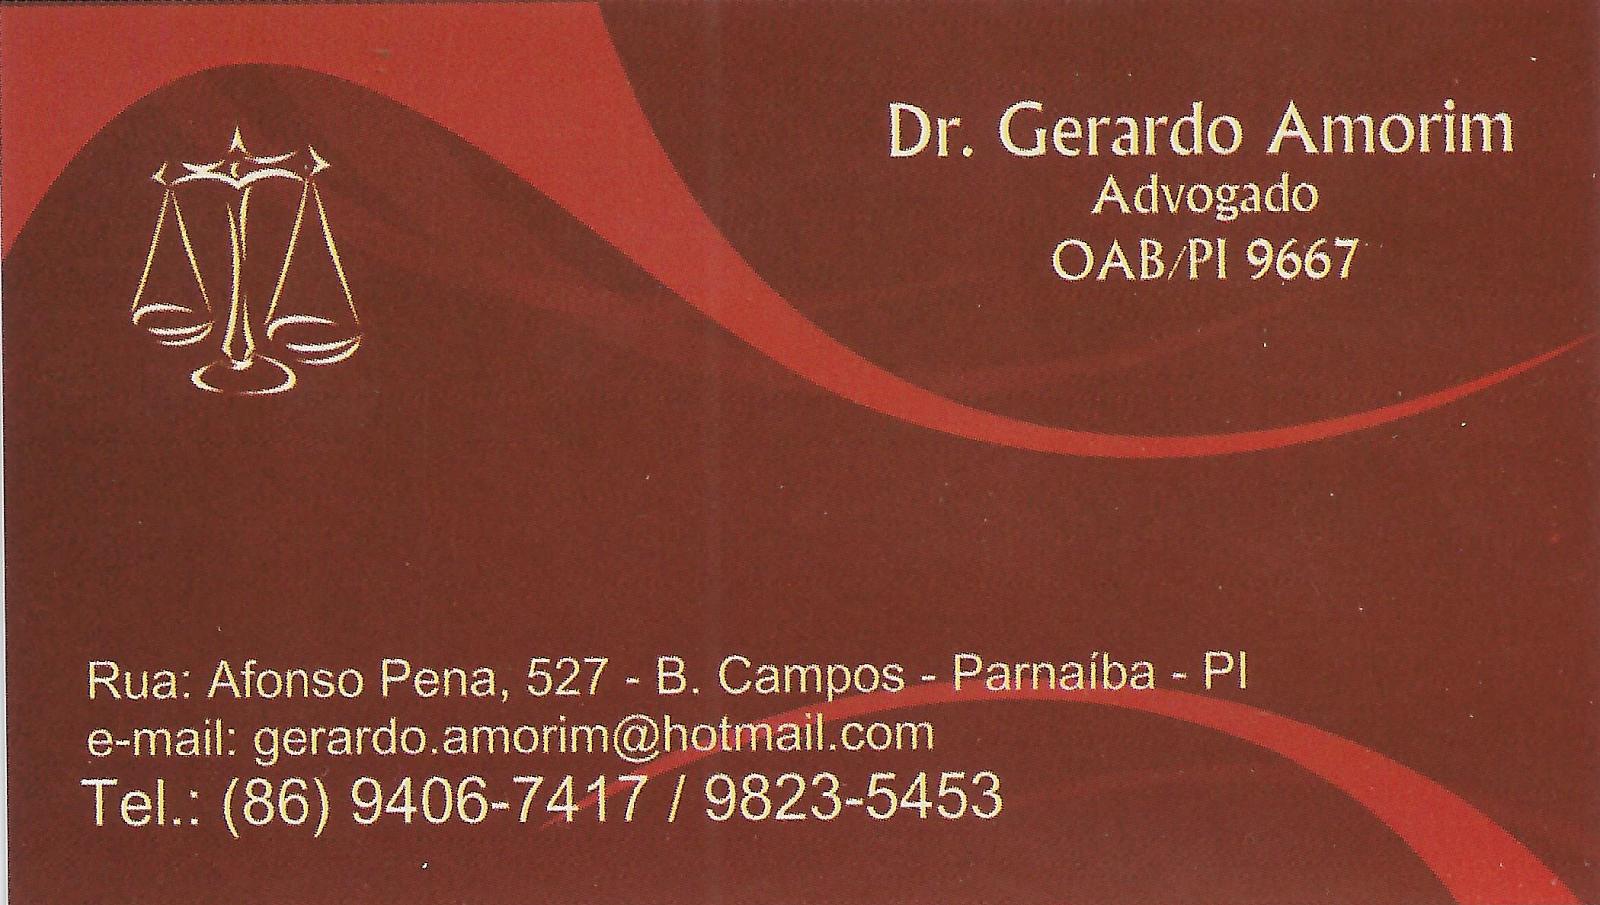 GERARDO AMORIM